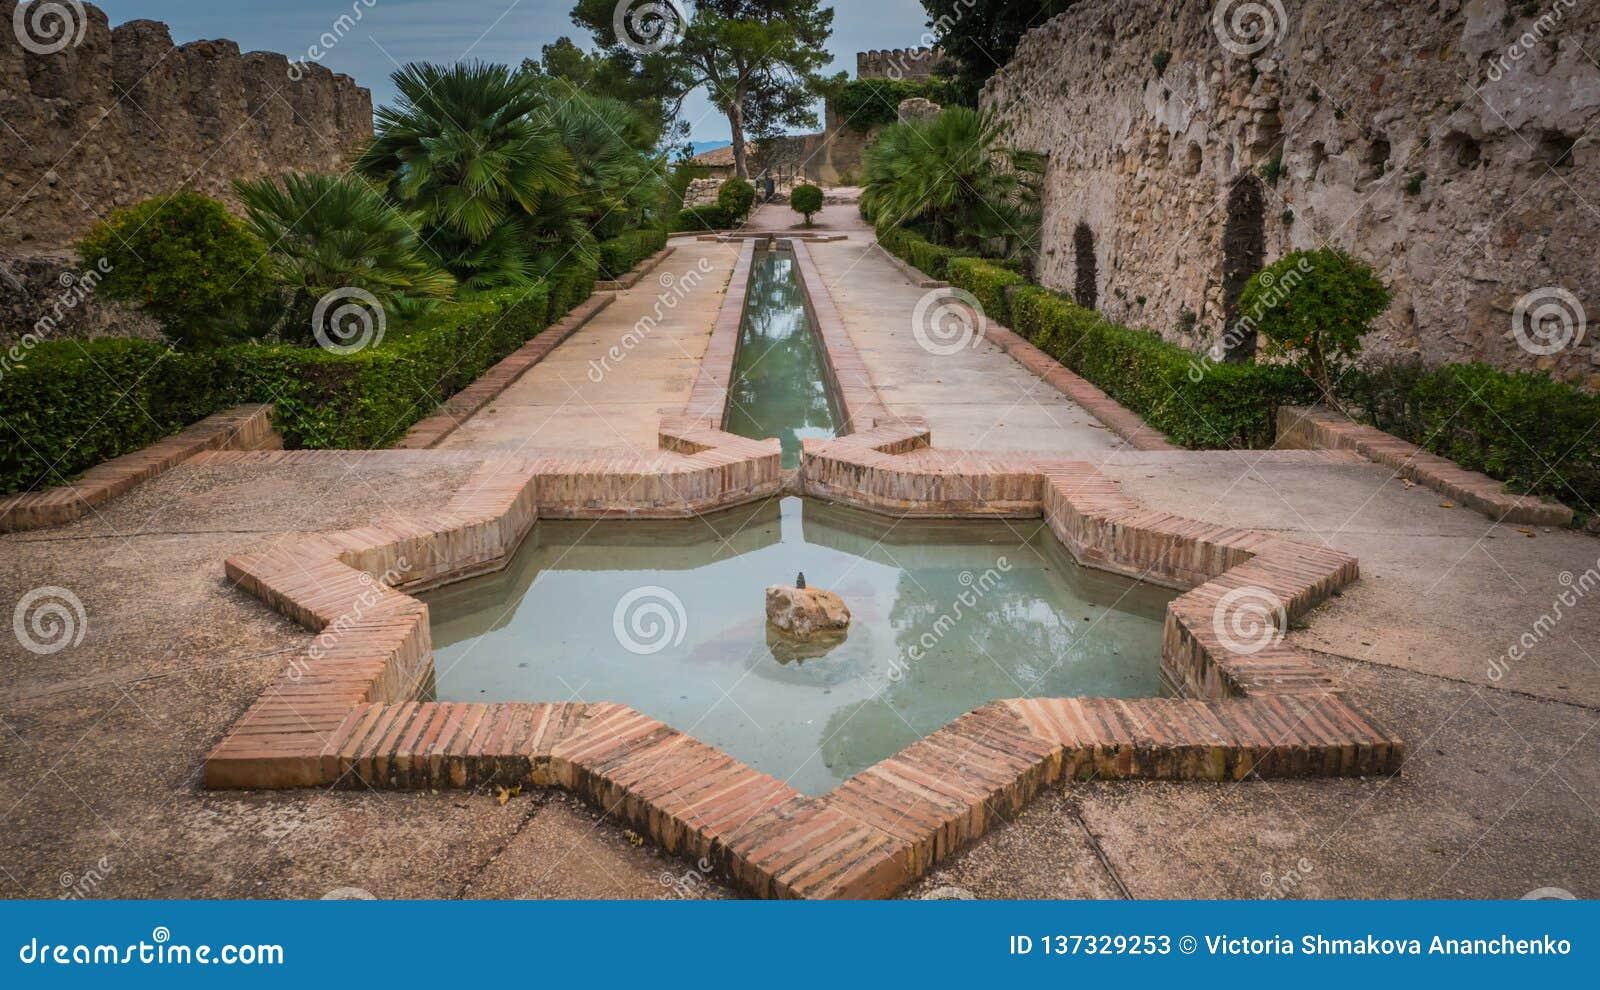 Moorish star shape fountain at Jativa medieval castles in Valencia Spain